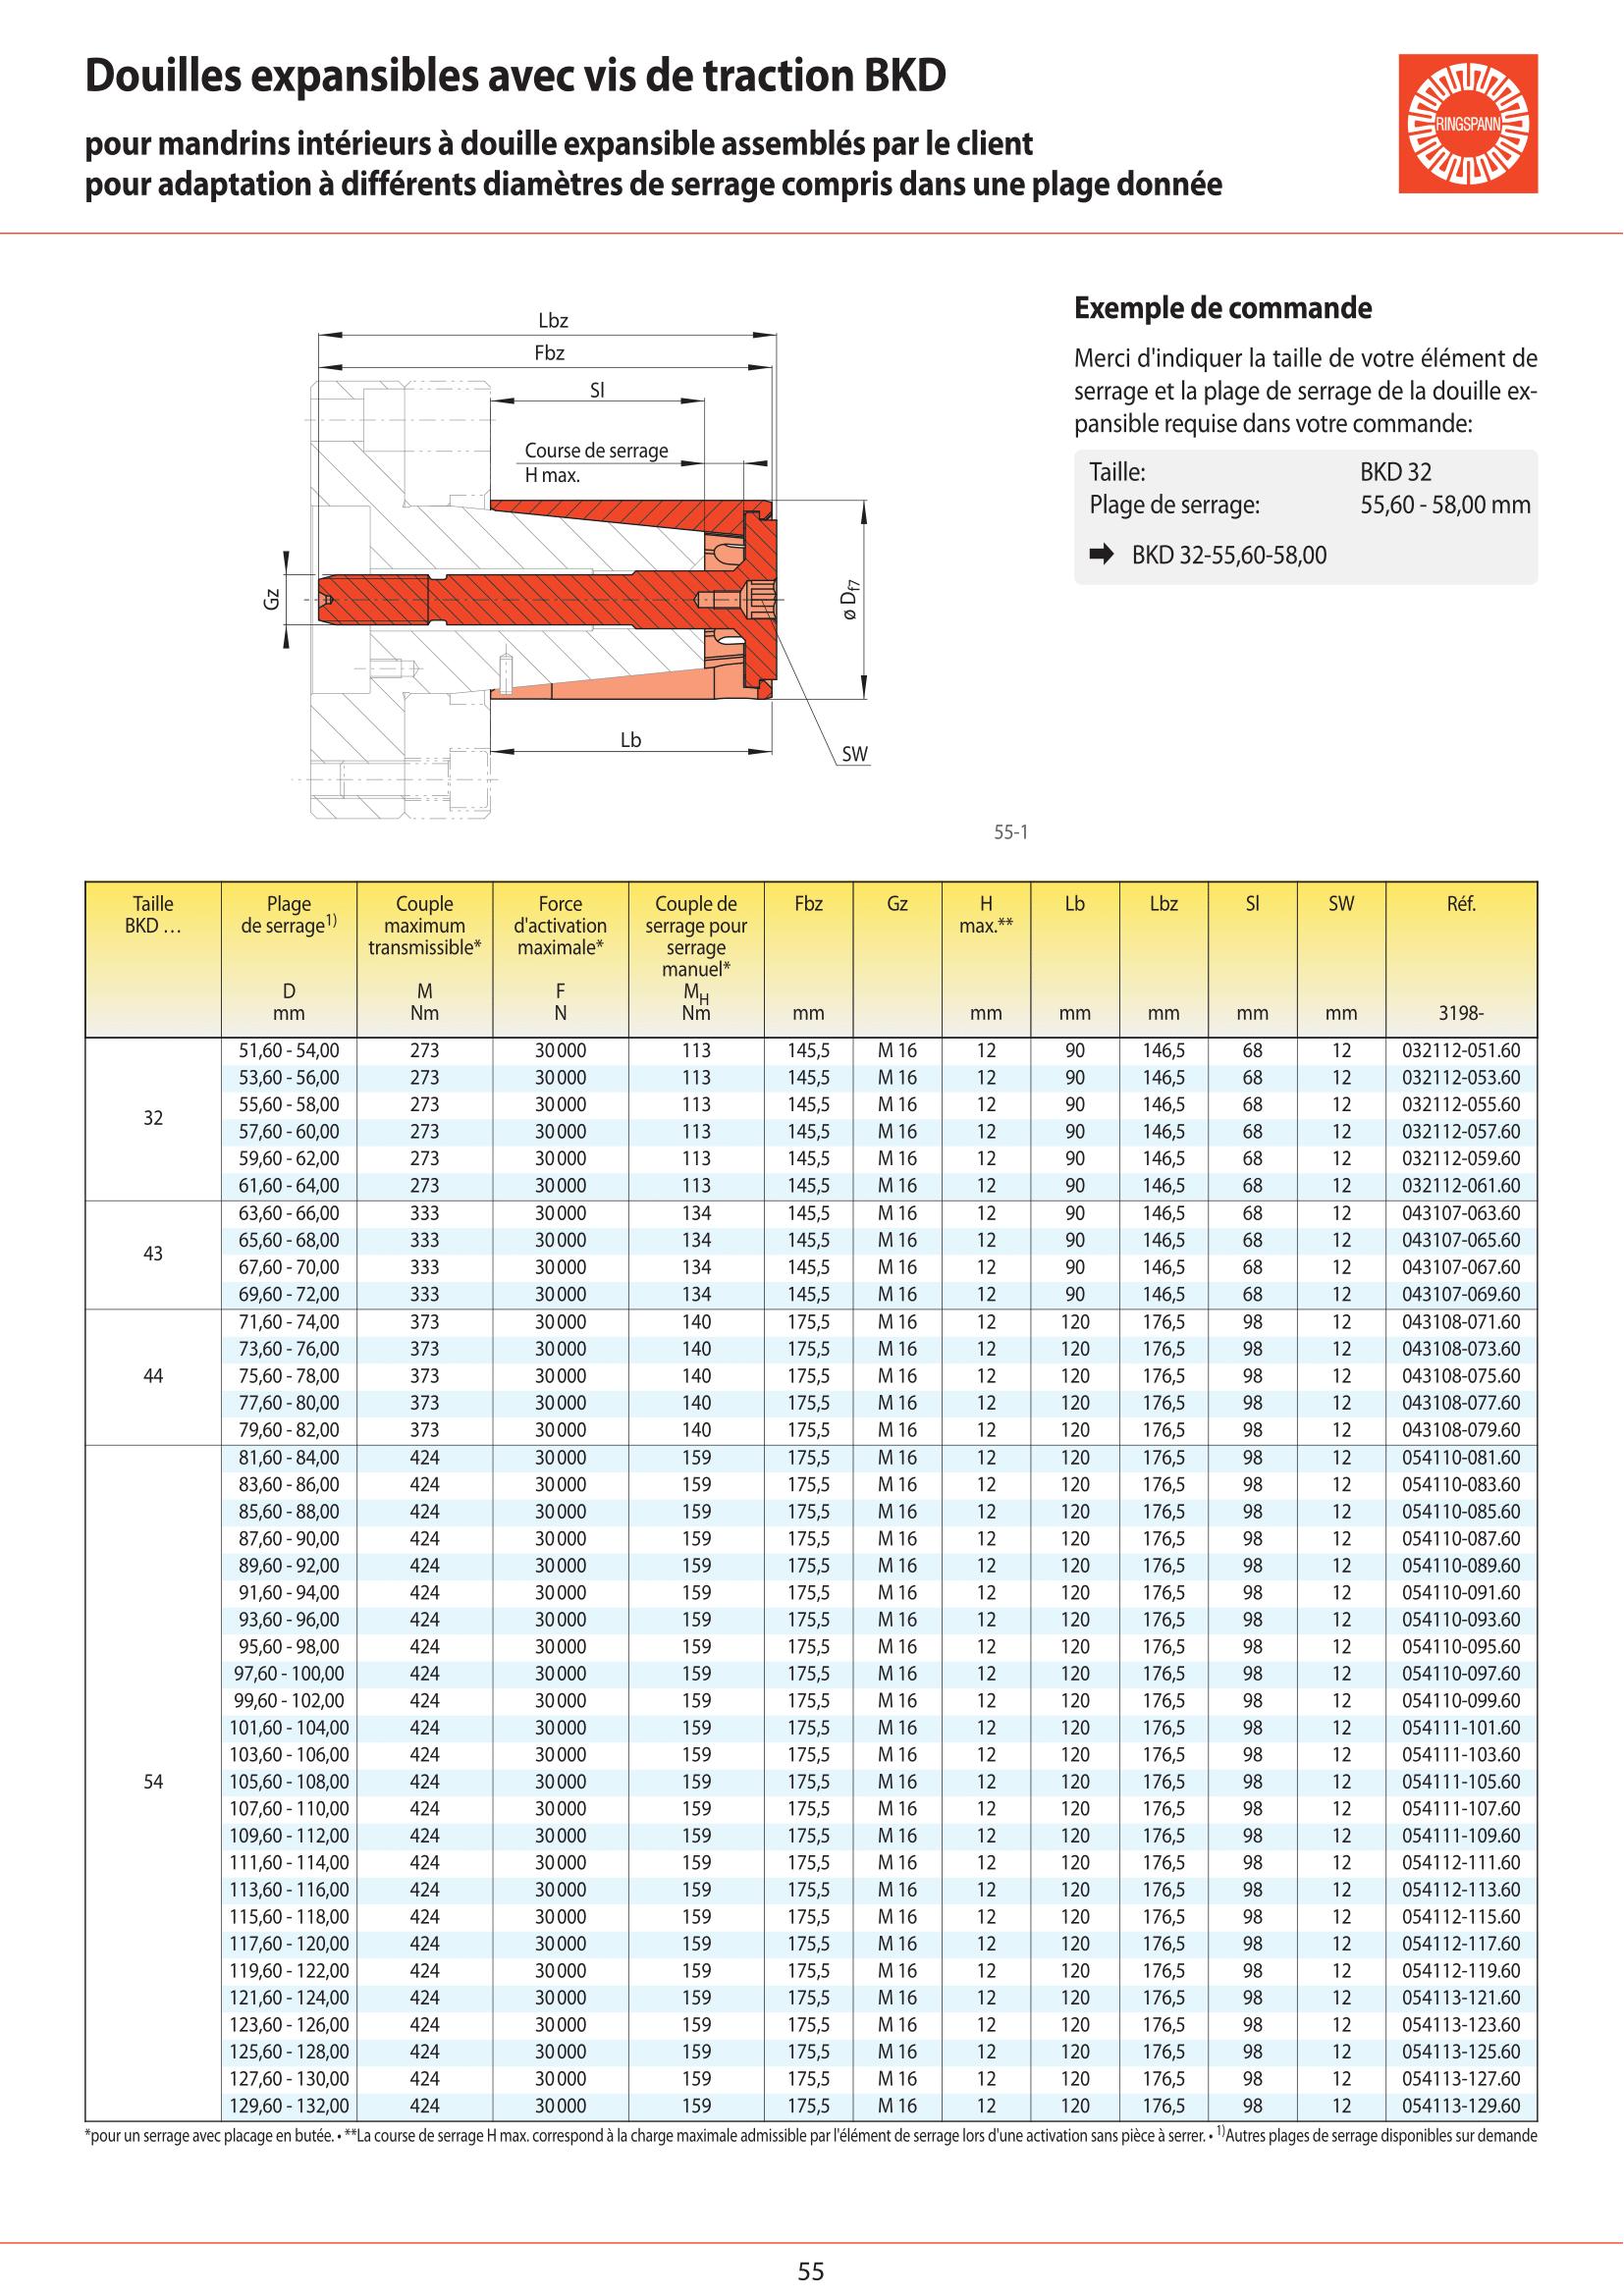 Fiche technique - BKDF page 4